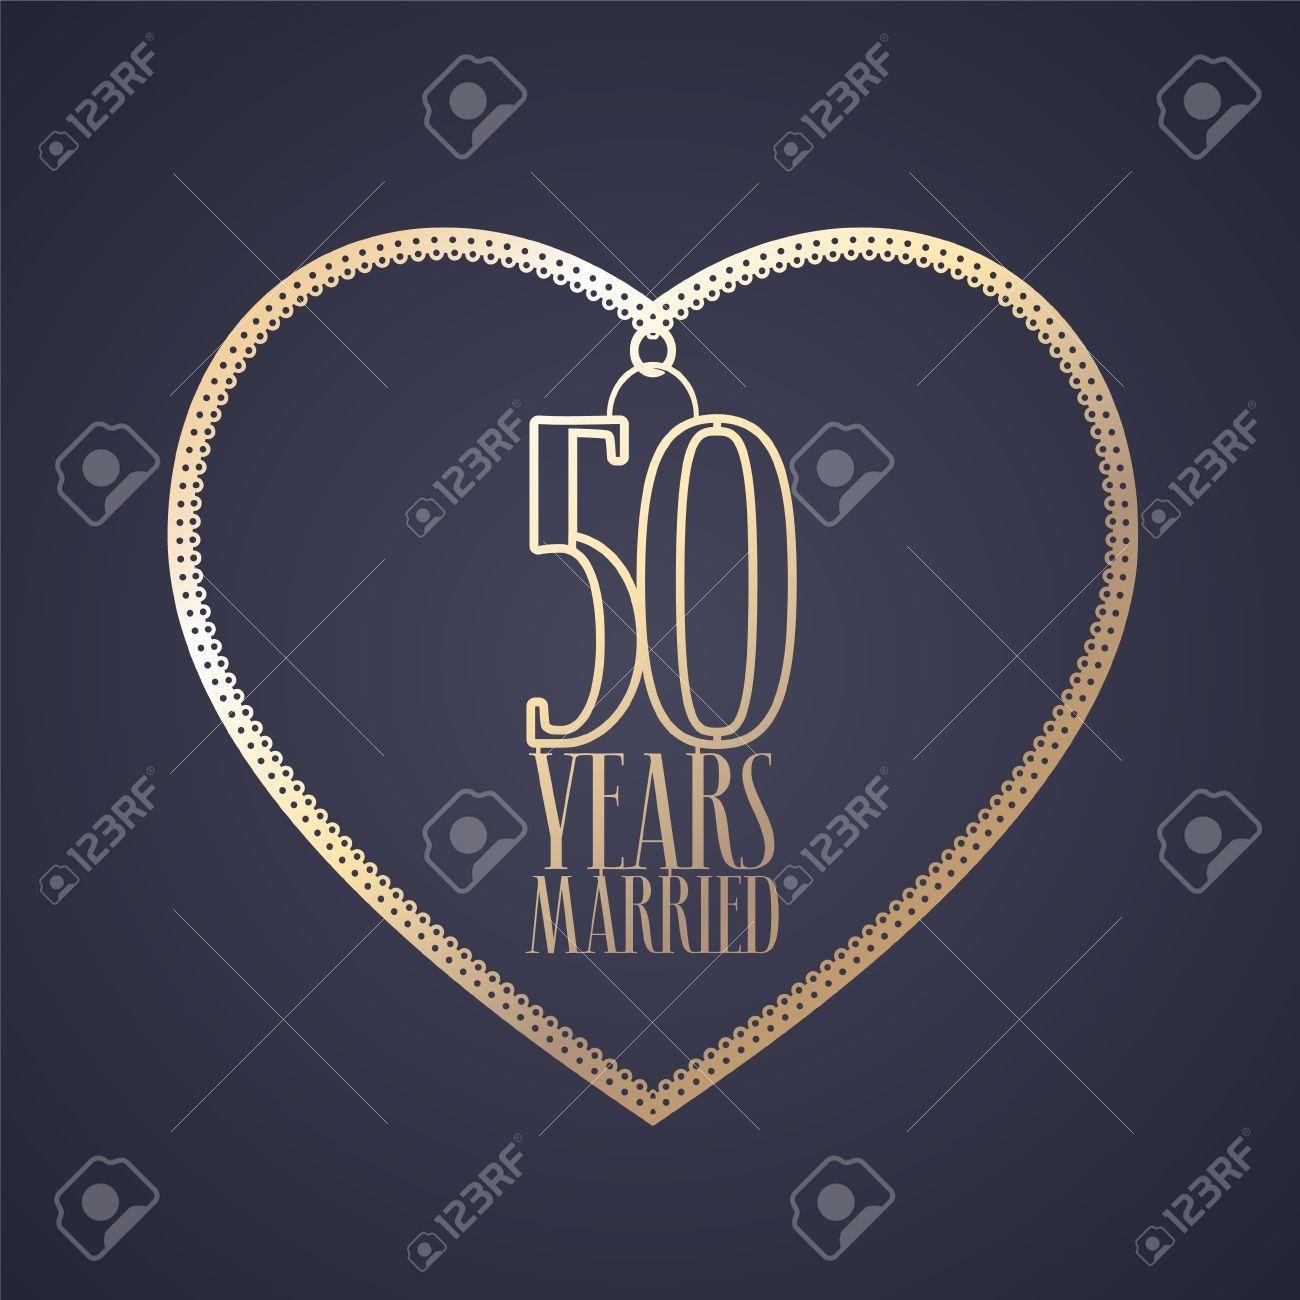 50 Ans Danniversaire De Licône Du Vecteur Marié Logo élément De Conception Graphique Avec Coeur De Couleur Dorée Pour La Décoration Pour Le